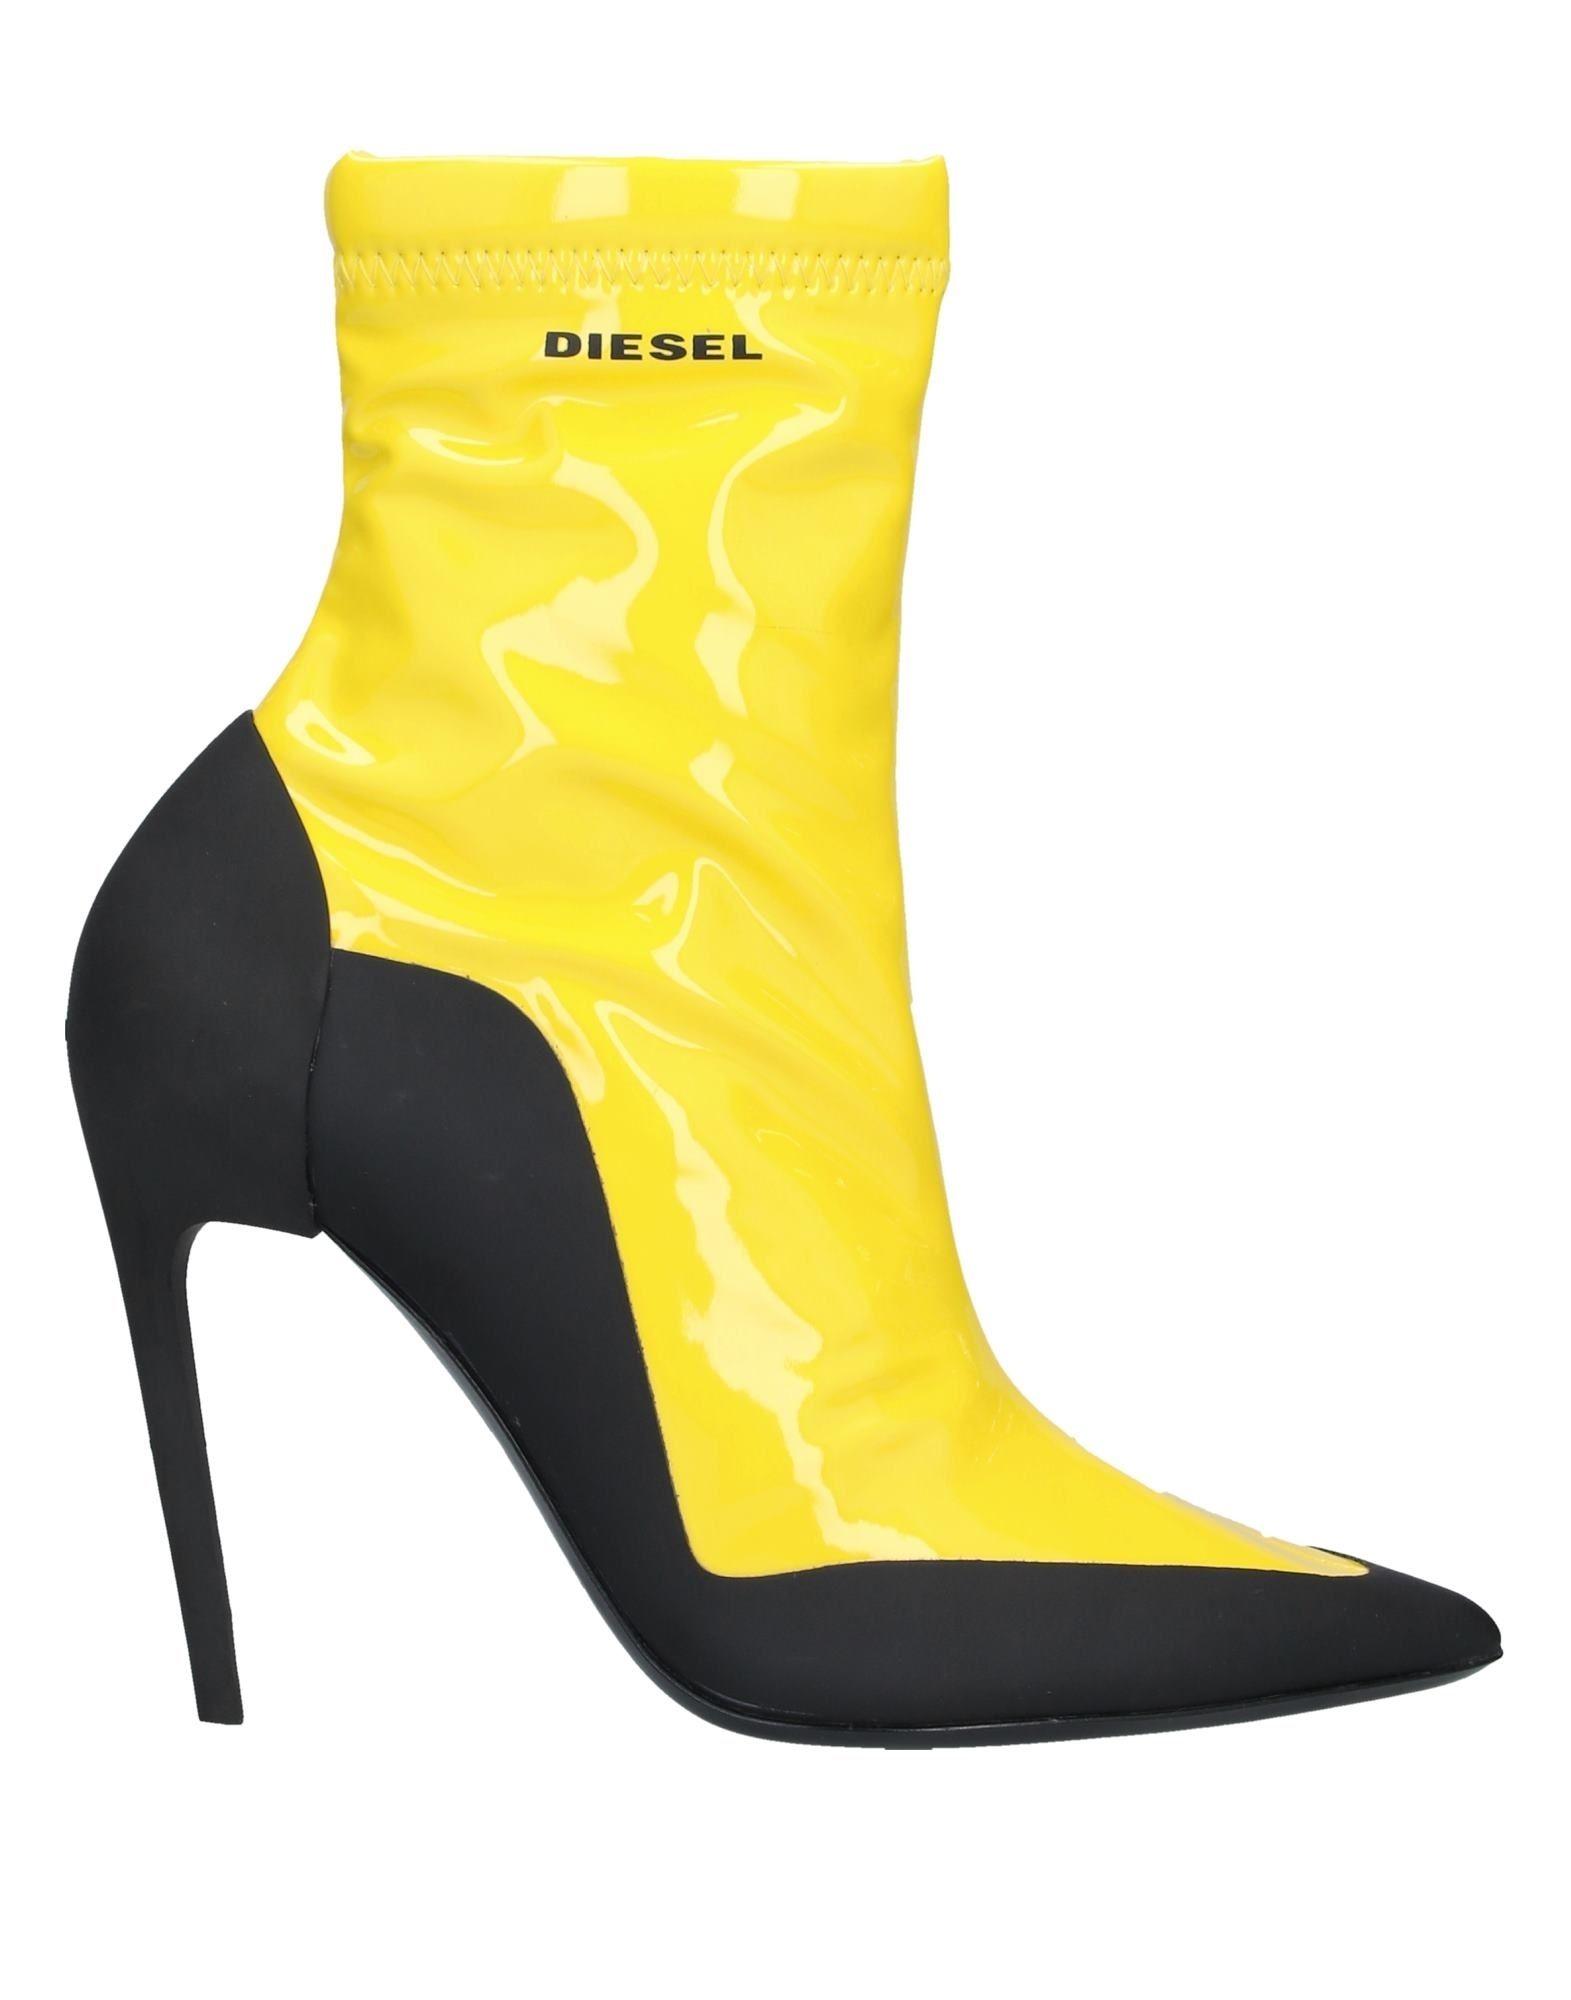 Фото - DIESEL Полусапоги и высокие ботинки diesel black gold полусапоги и высокие ботинки